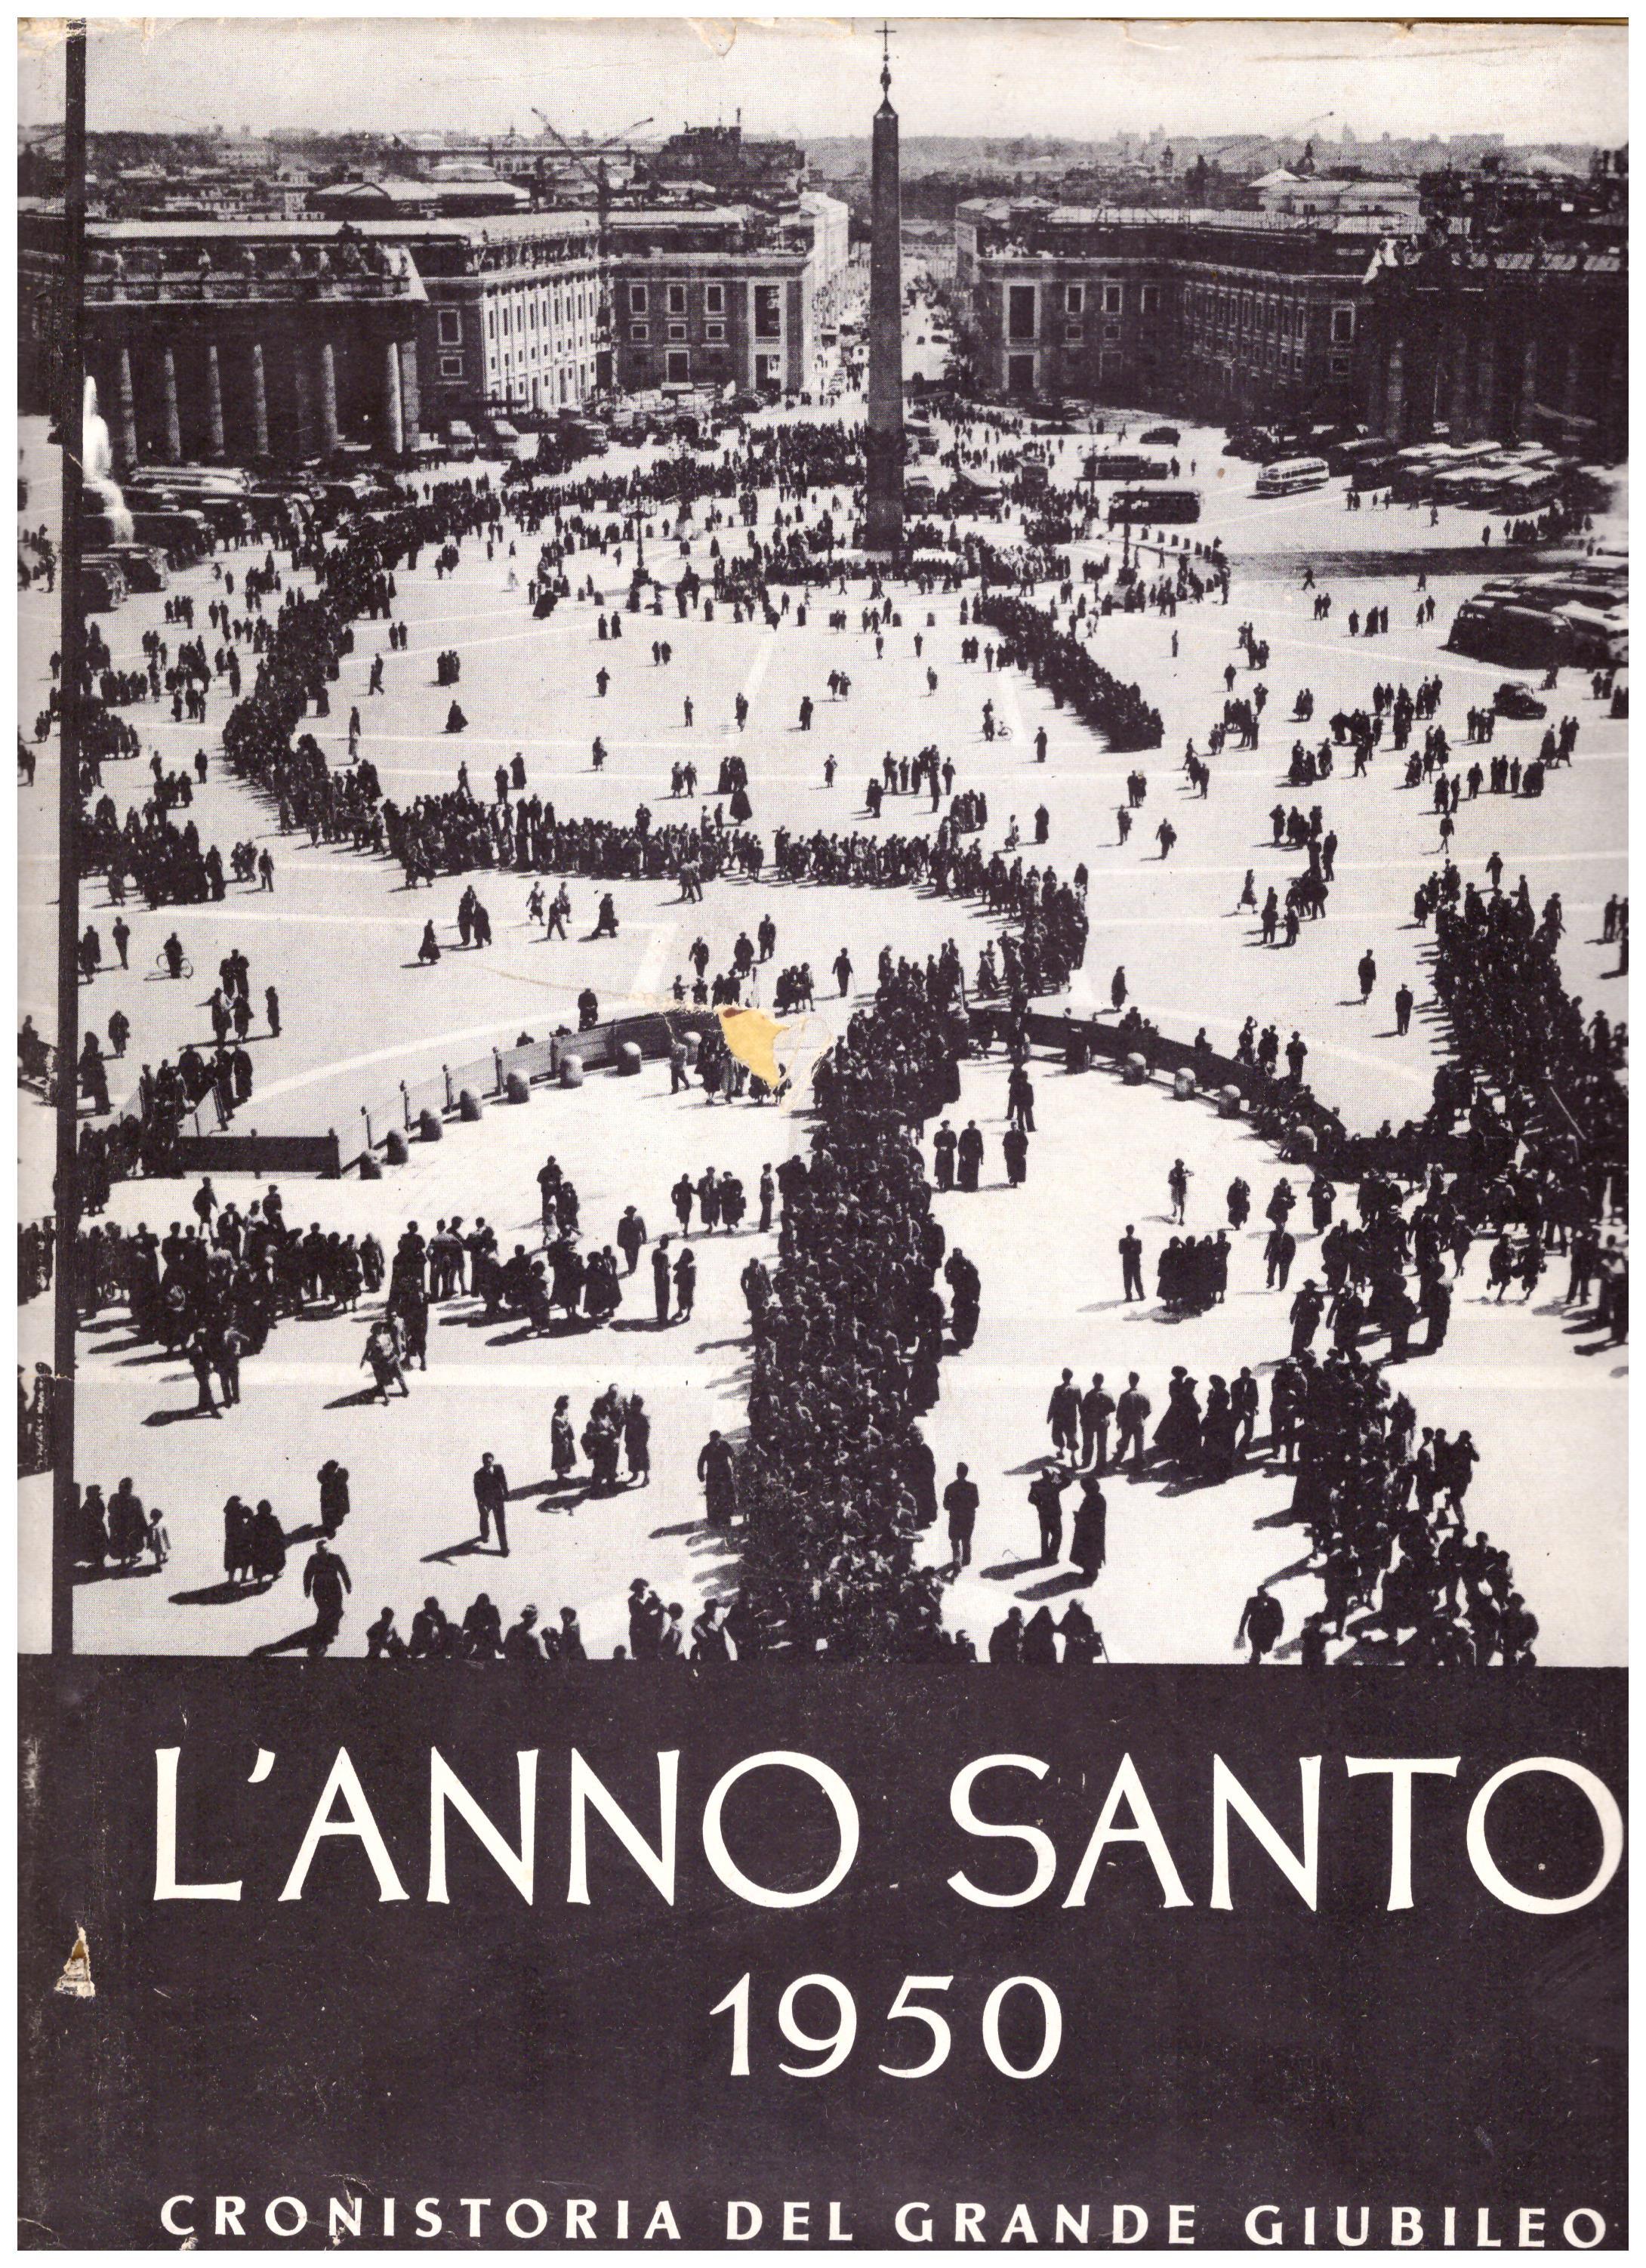 Titolo: L'anno santo 1950 cronistoria del grande giubileo VOLUME 2 Autore: AA.VV.  Editore: tipografia poliglotta vaticana 1952